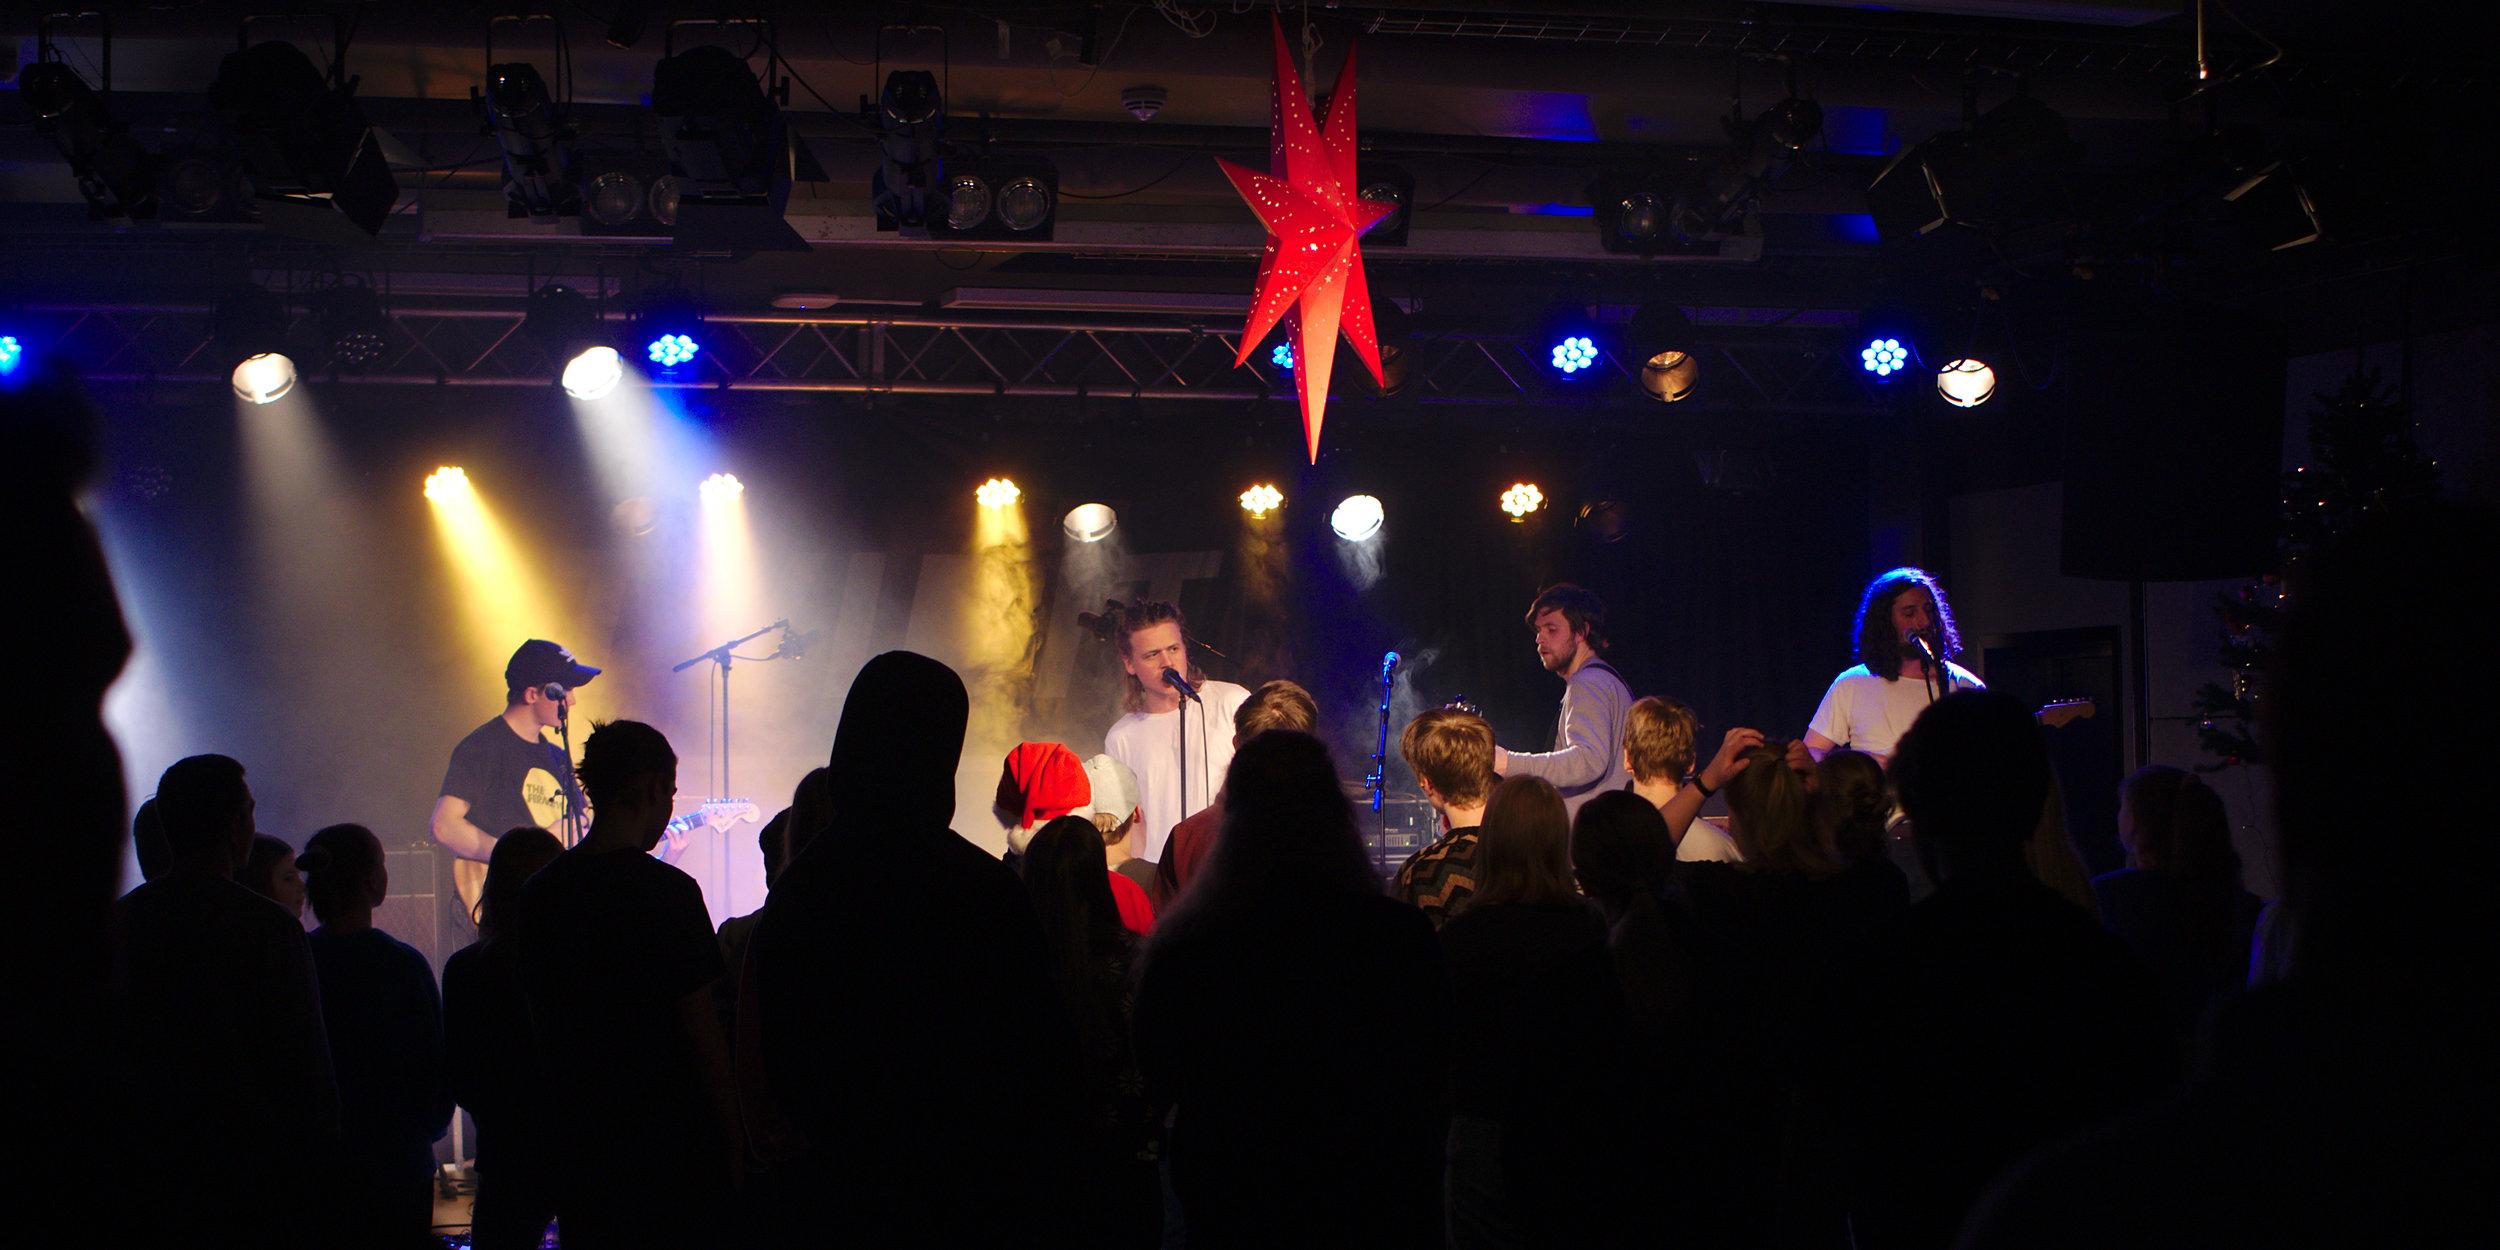 The modern times konsert på Tvibit 12.12.18